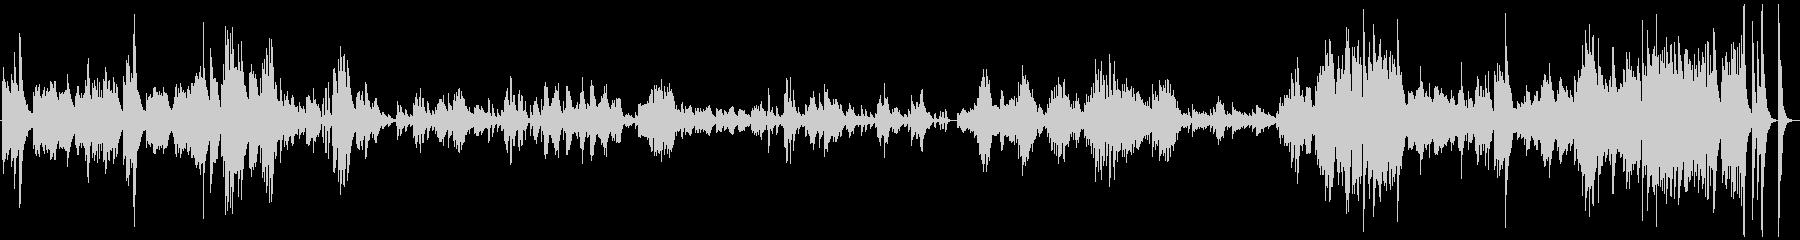 ドビュッシー ベルガマスク1プレリュードの未再生の波形